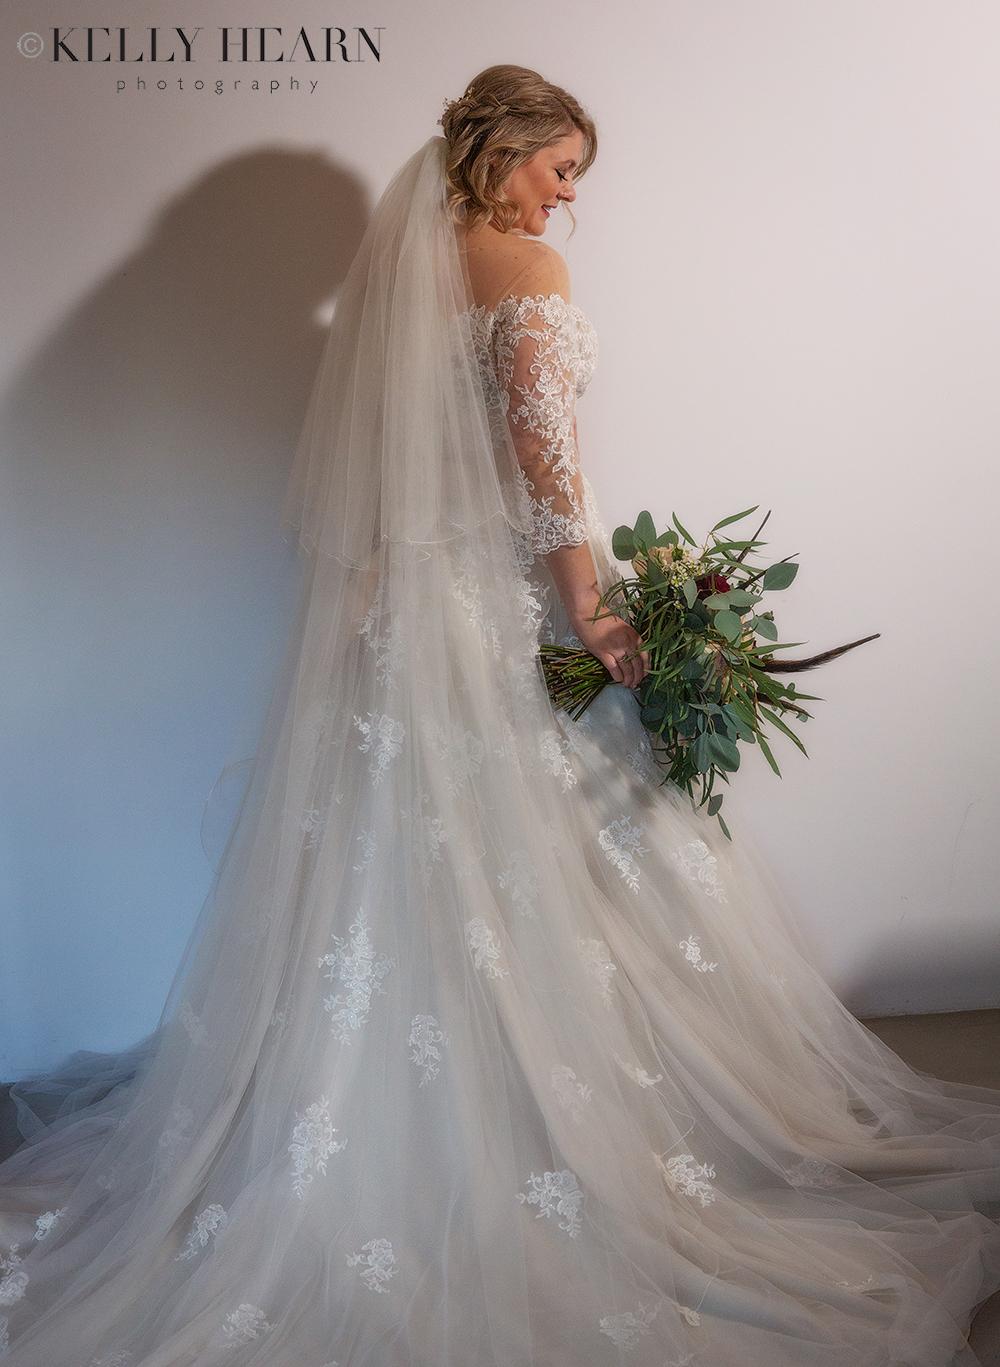 MAT_bride-wedding-dress.jpg#asset:2755